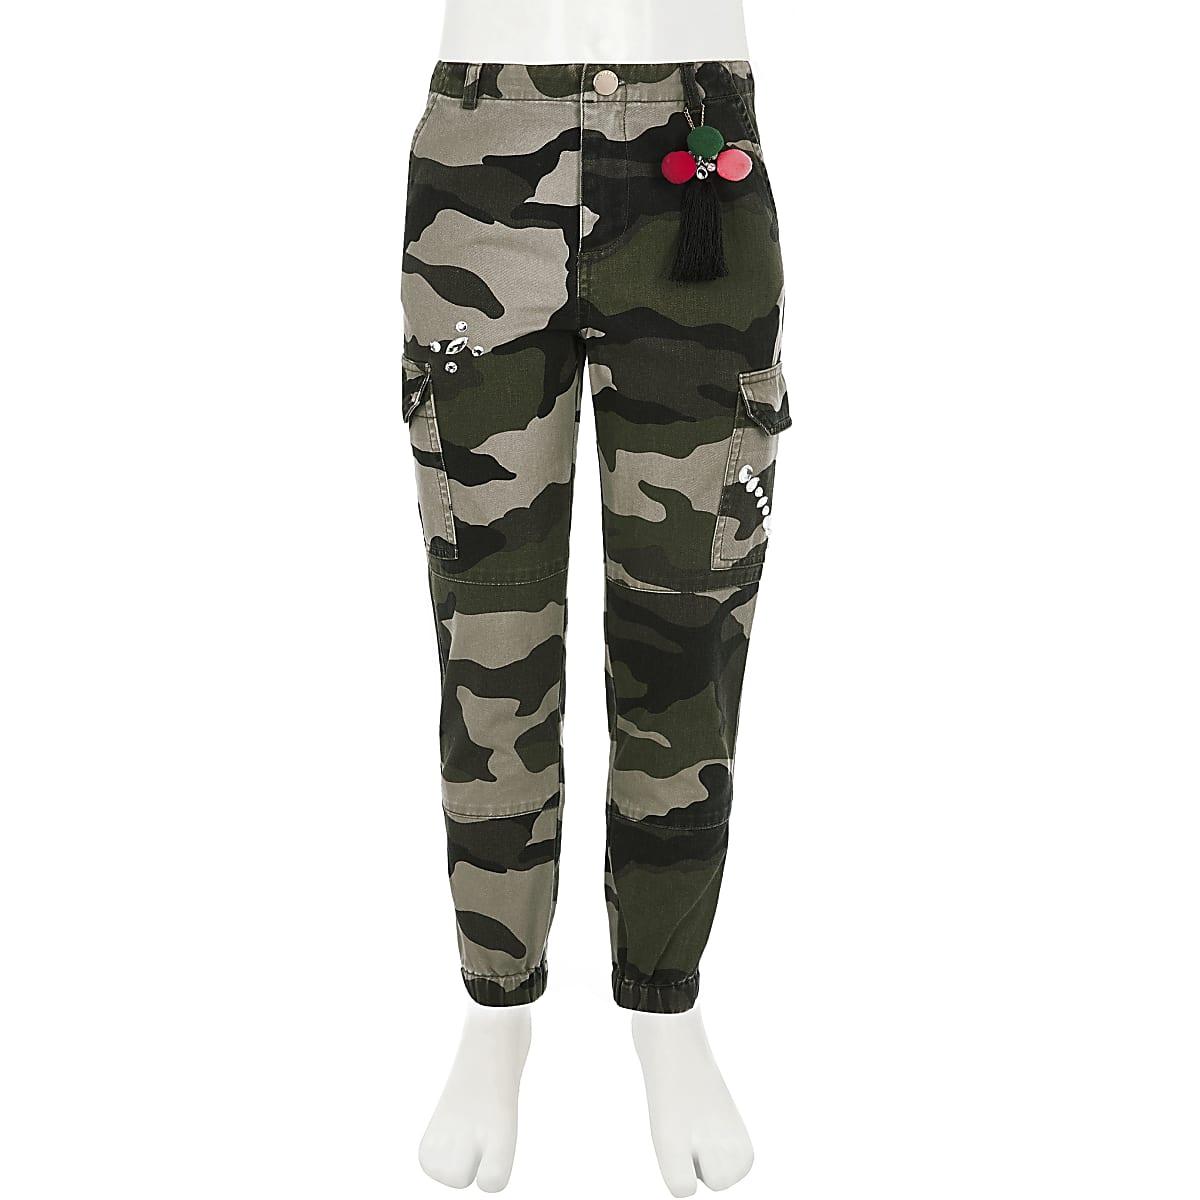 2cdefc0971 Girls khaki camo embellished cargo trousers - Casual Trousers - Trousers -  girls